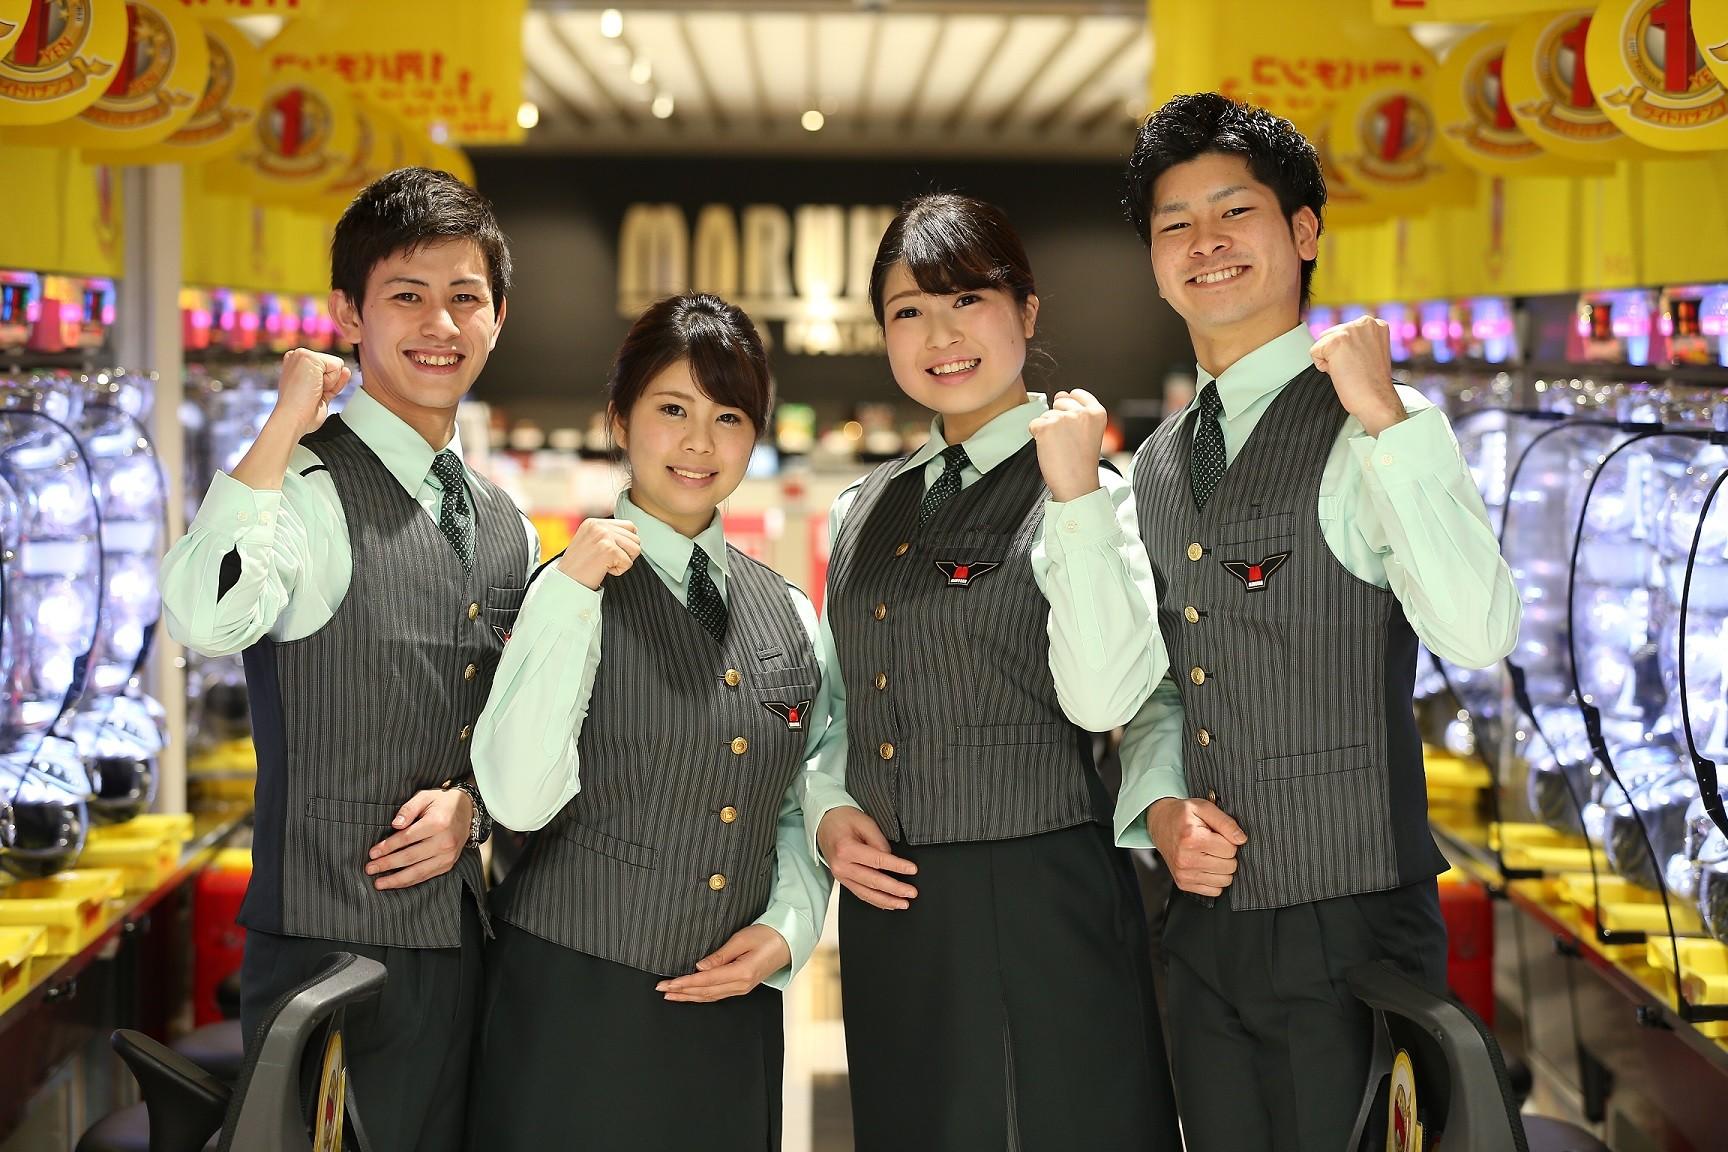 マルハン 島田店[2122] のアルバイト情報